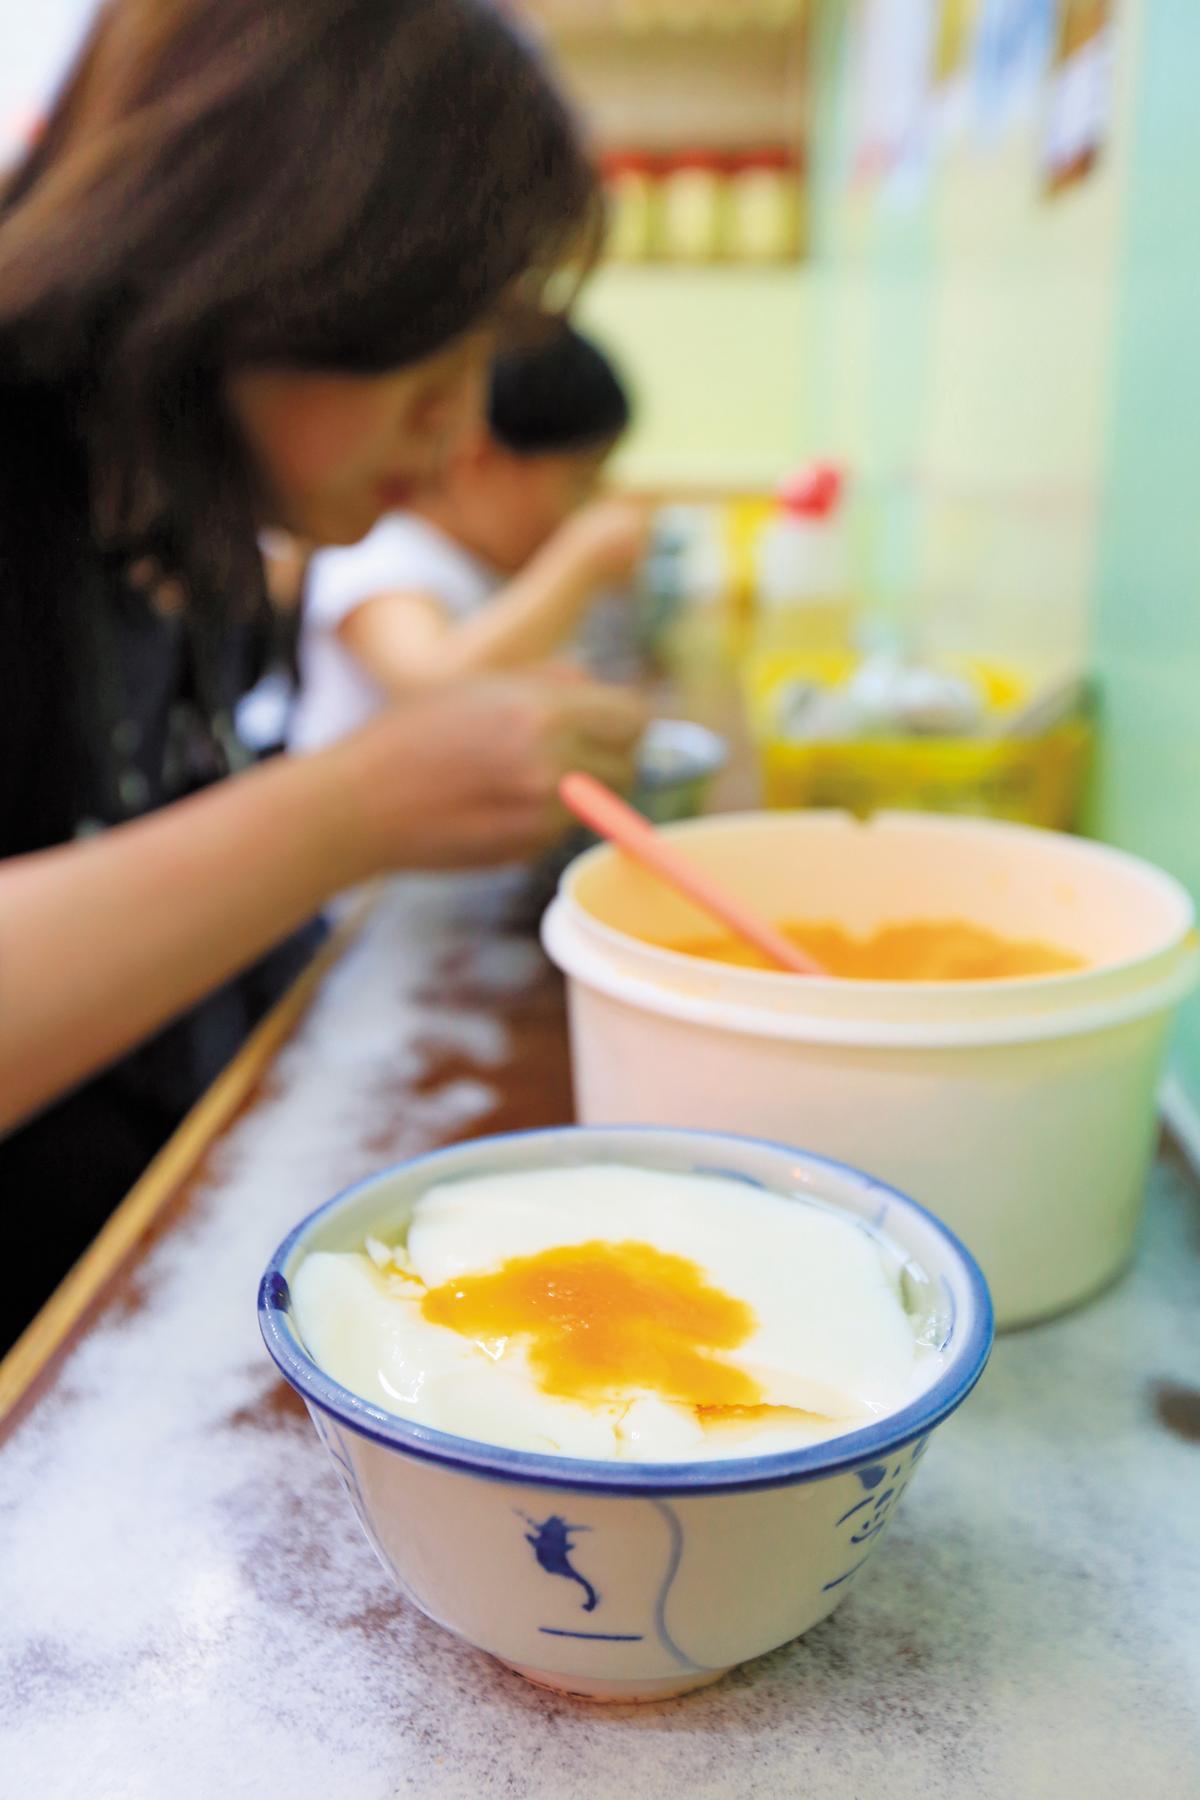 超級柔嫩的「豆腐花」,加了紅糖更好吃。(港幣9元/碗,約NT$35)